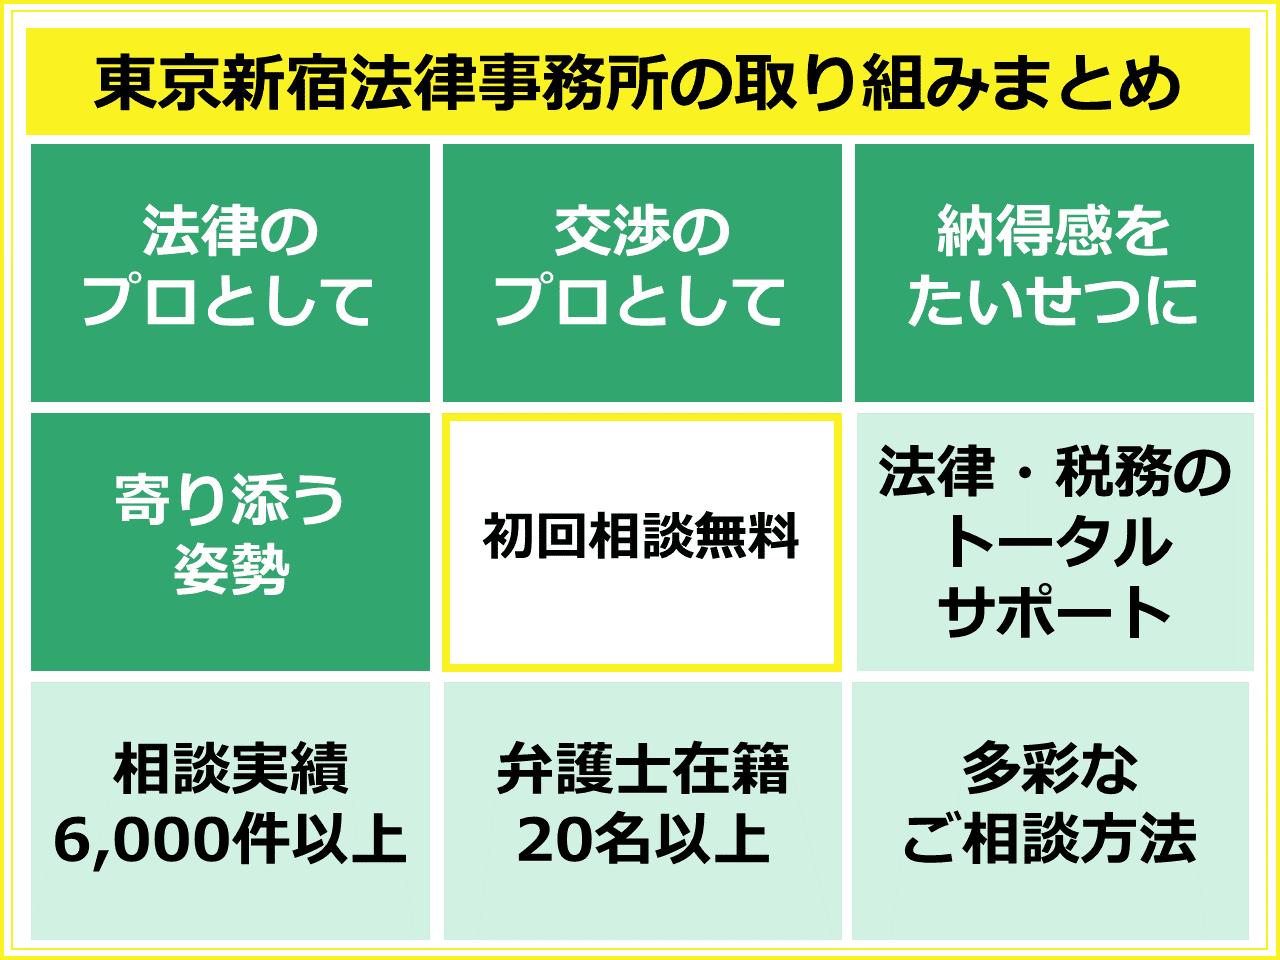 東京新宿法律事務所の取り組みまとめ 1法律のプロとして 2交渉のプロとして 3納得感をたいせつに 4寄り添う姿勢 5初回相談無料 6法律・税務のトータルサポート 7相談実績6,000件以上 8弁護士在籍20名以上 9多彩なご相談方法